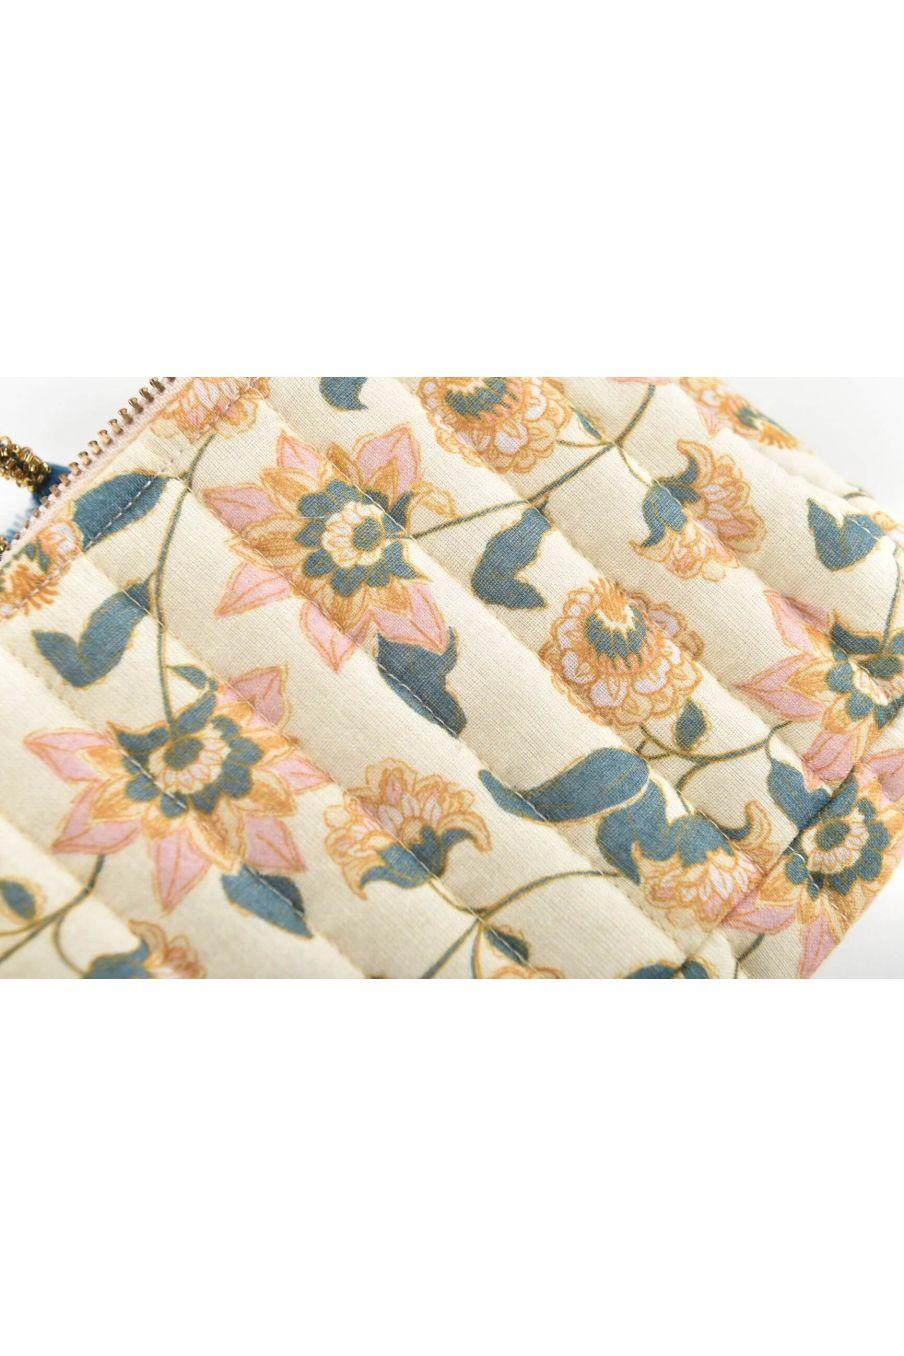 boheme chic vintage trousse de voyage maison mila cream flowers